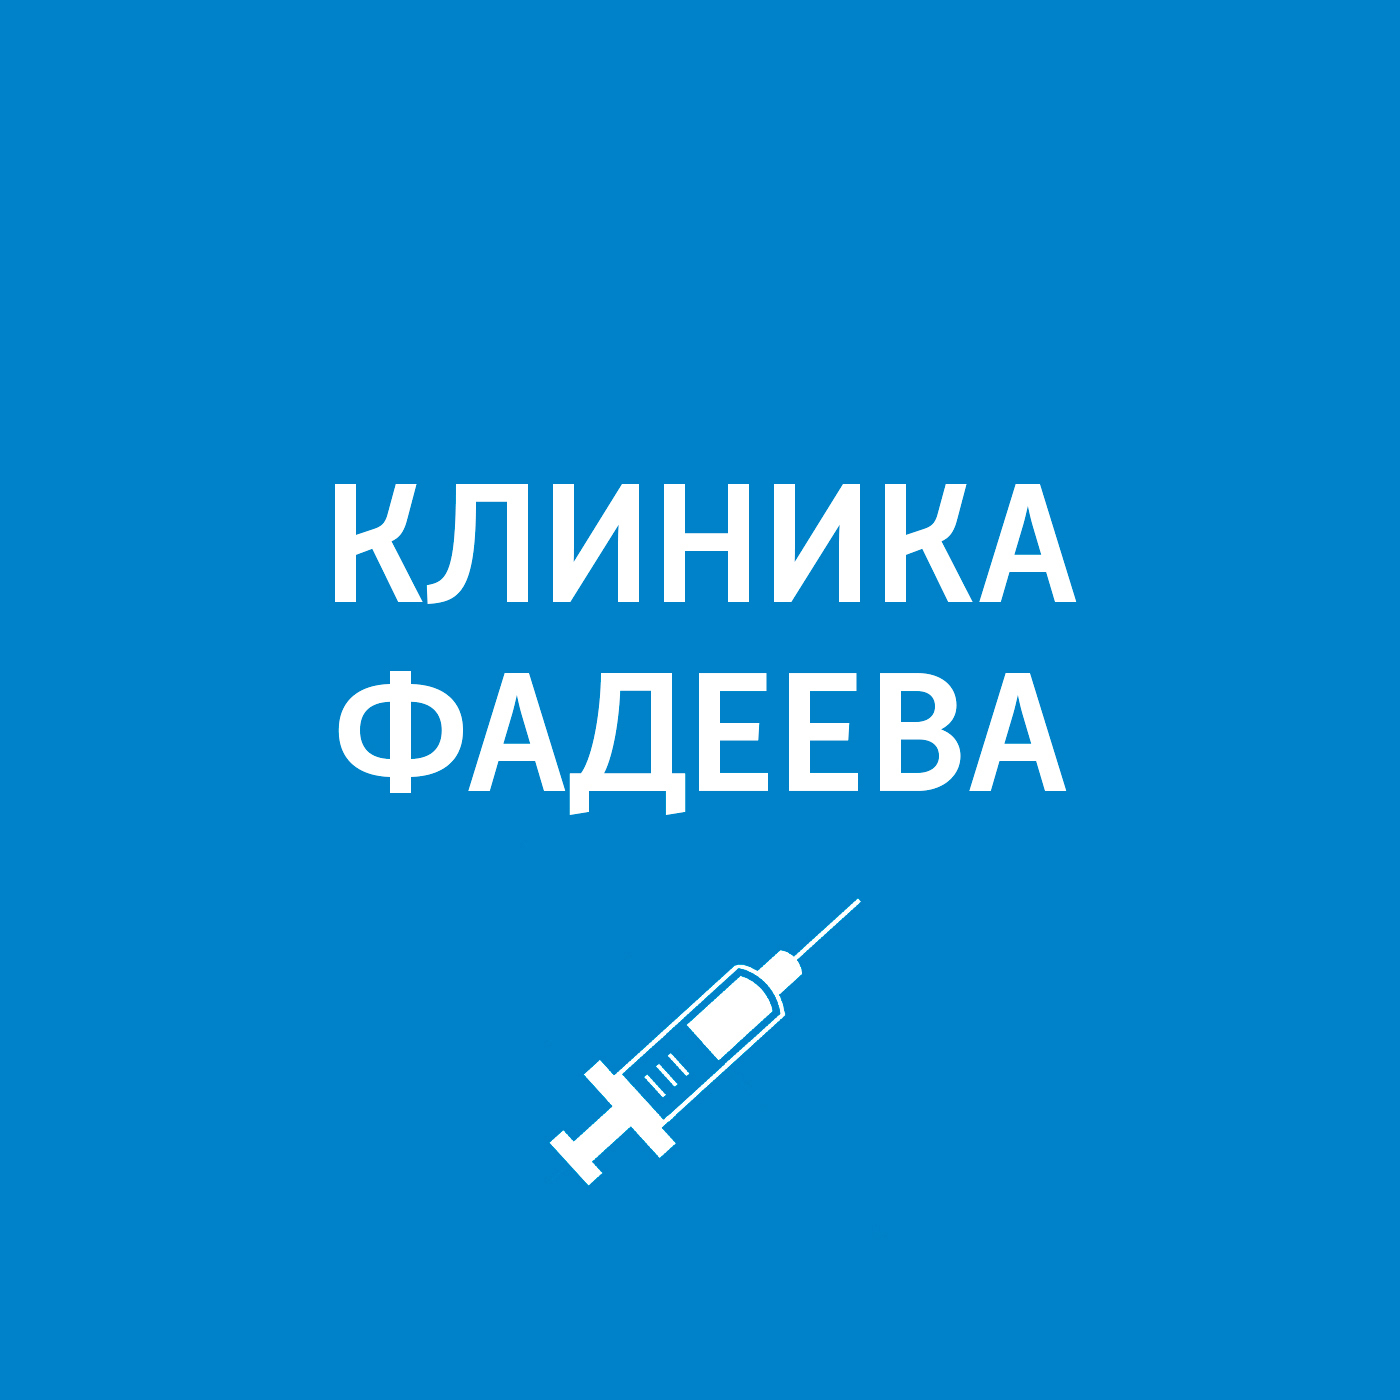 Пётр Фадеев Врач-эндокринолог о сезонных патологиях щитовидной железы href